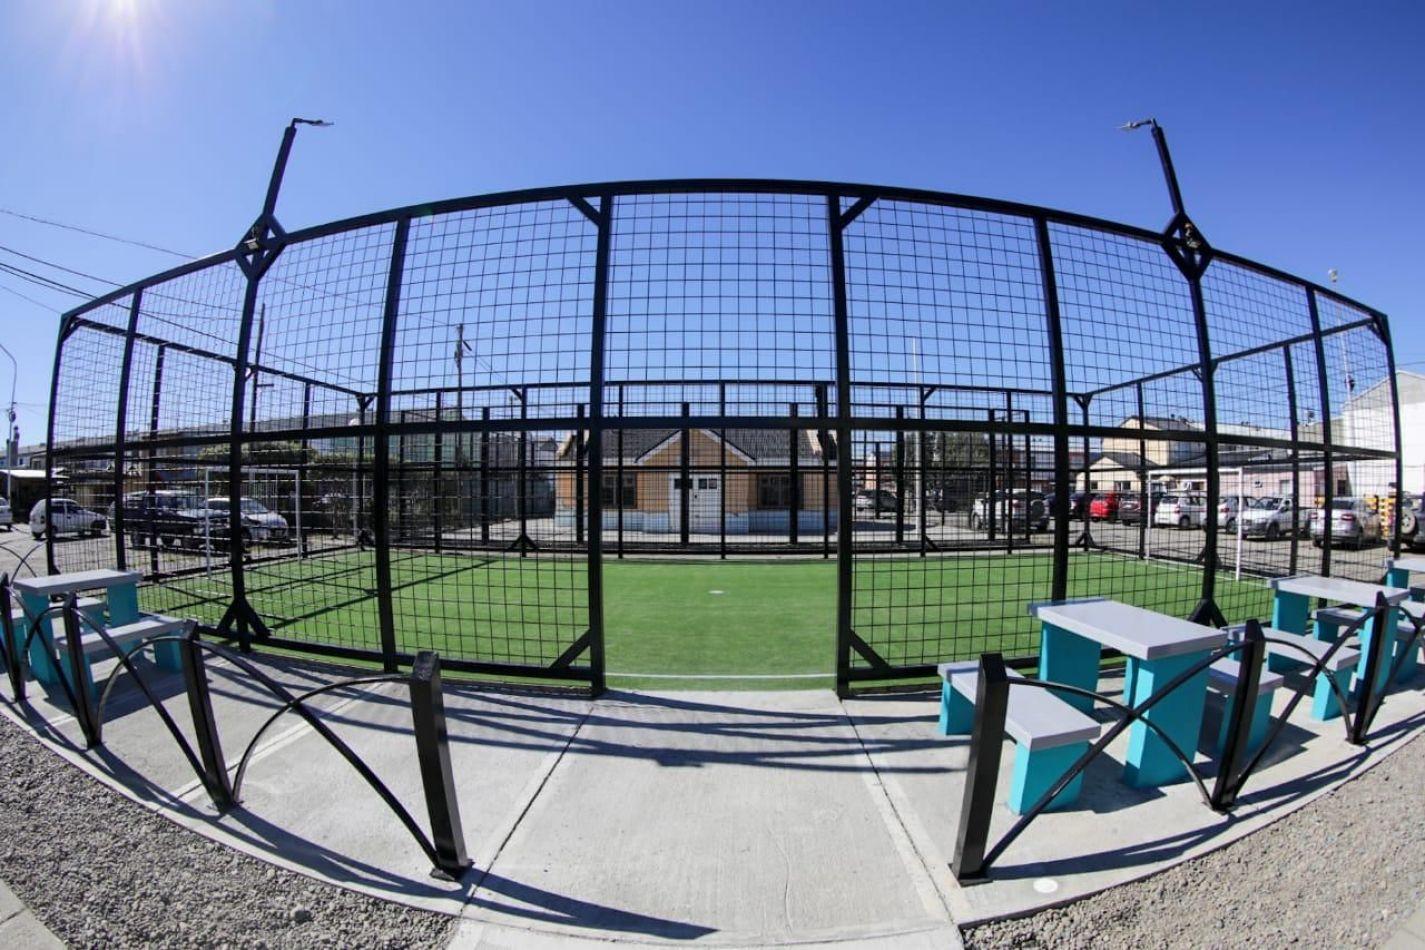 Quedó habilitado un nuevo espacio deportivo municipal en el B° Textil